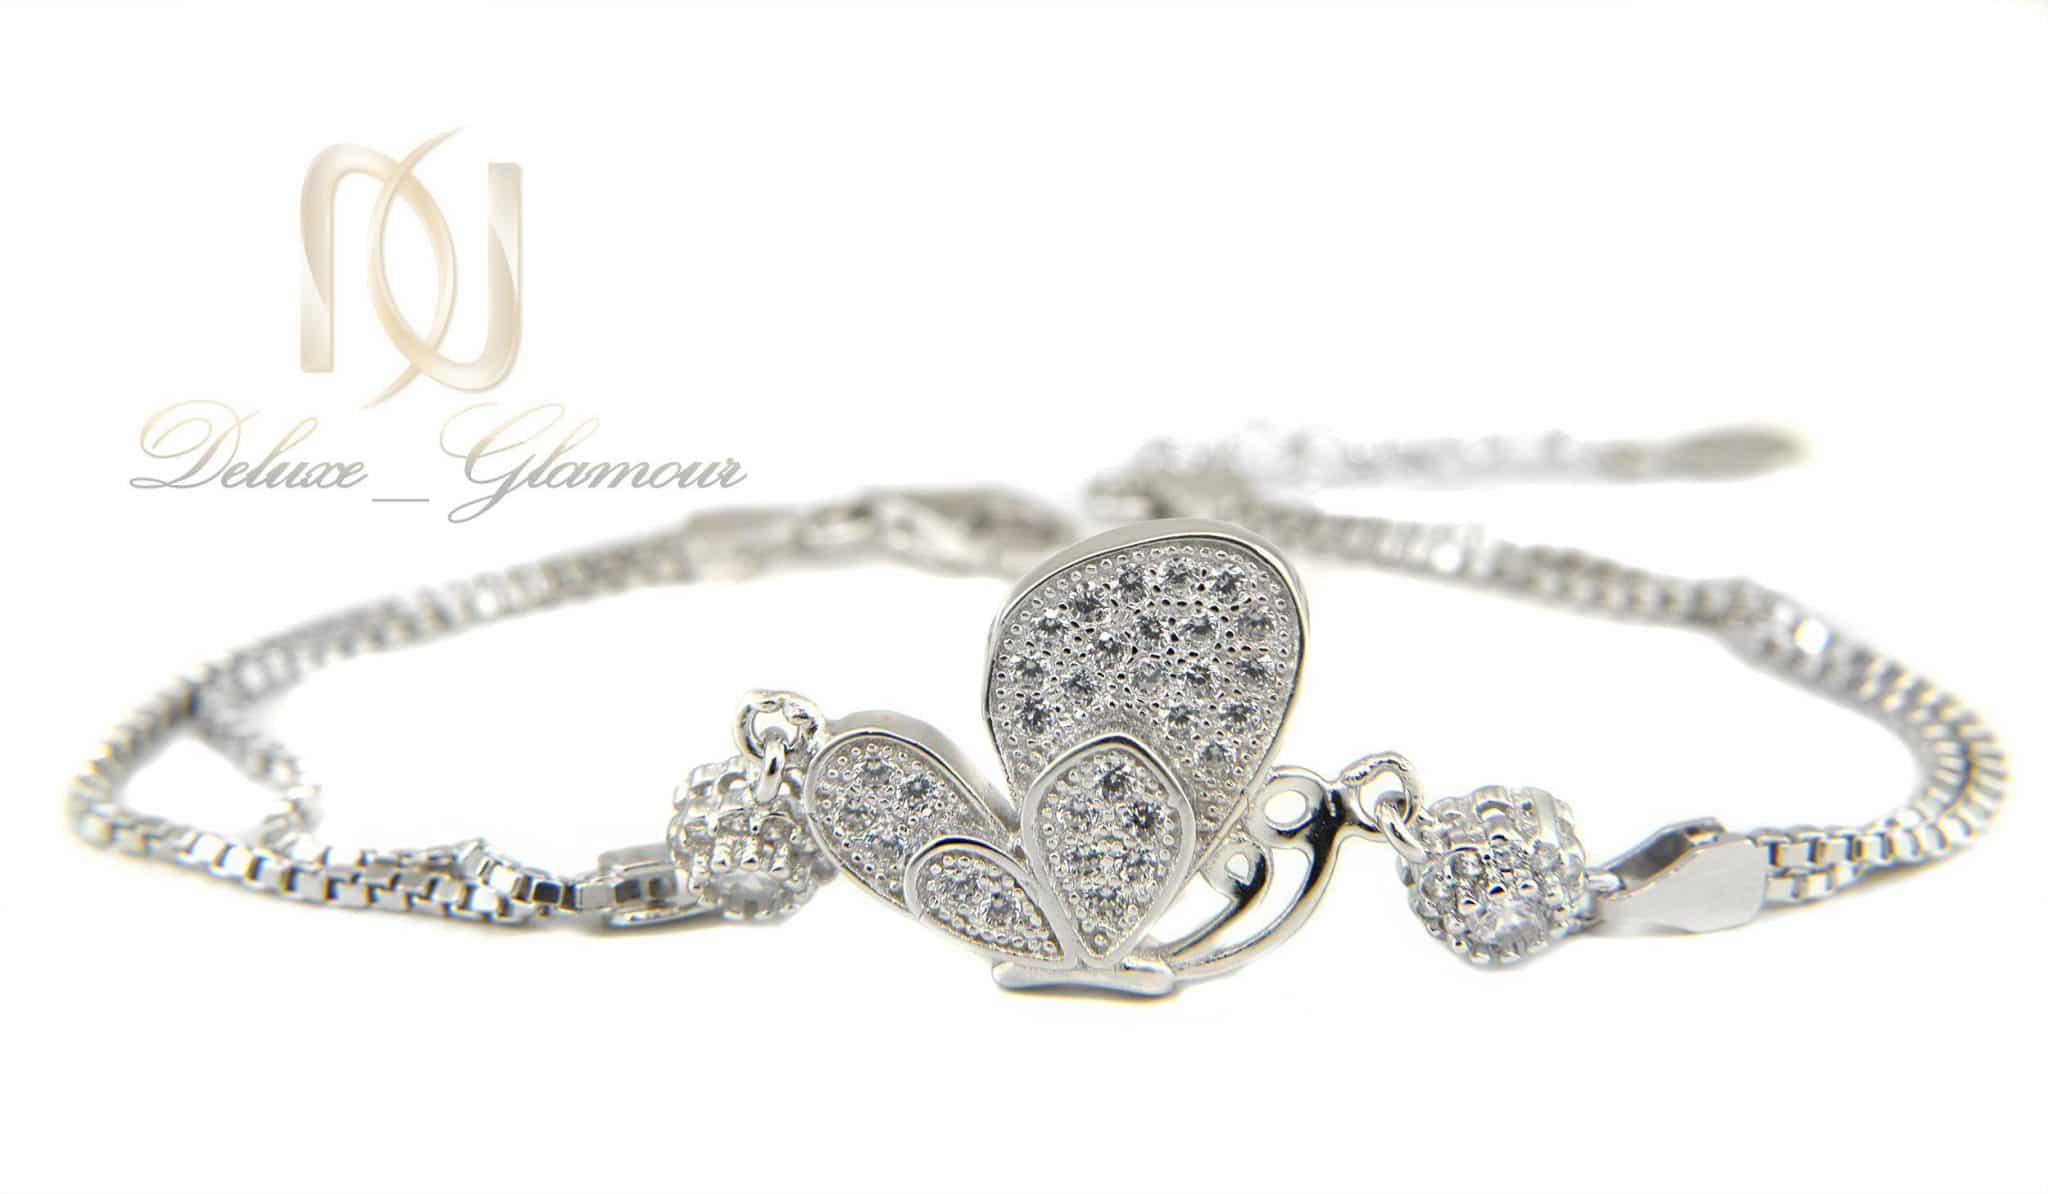 دستبند دخترانه نقره طرح پروانه ds-n334 از نمای نزدیک